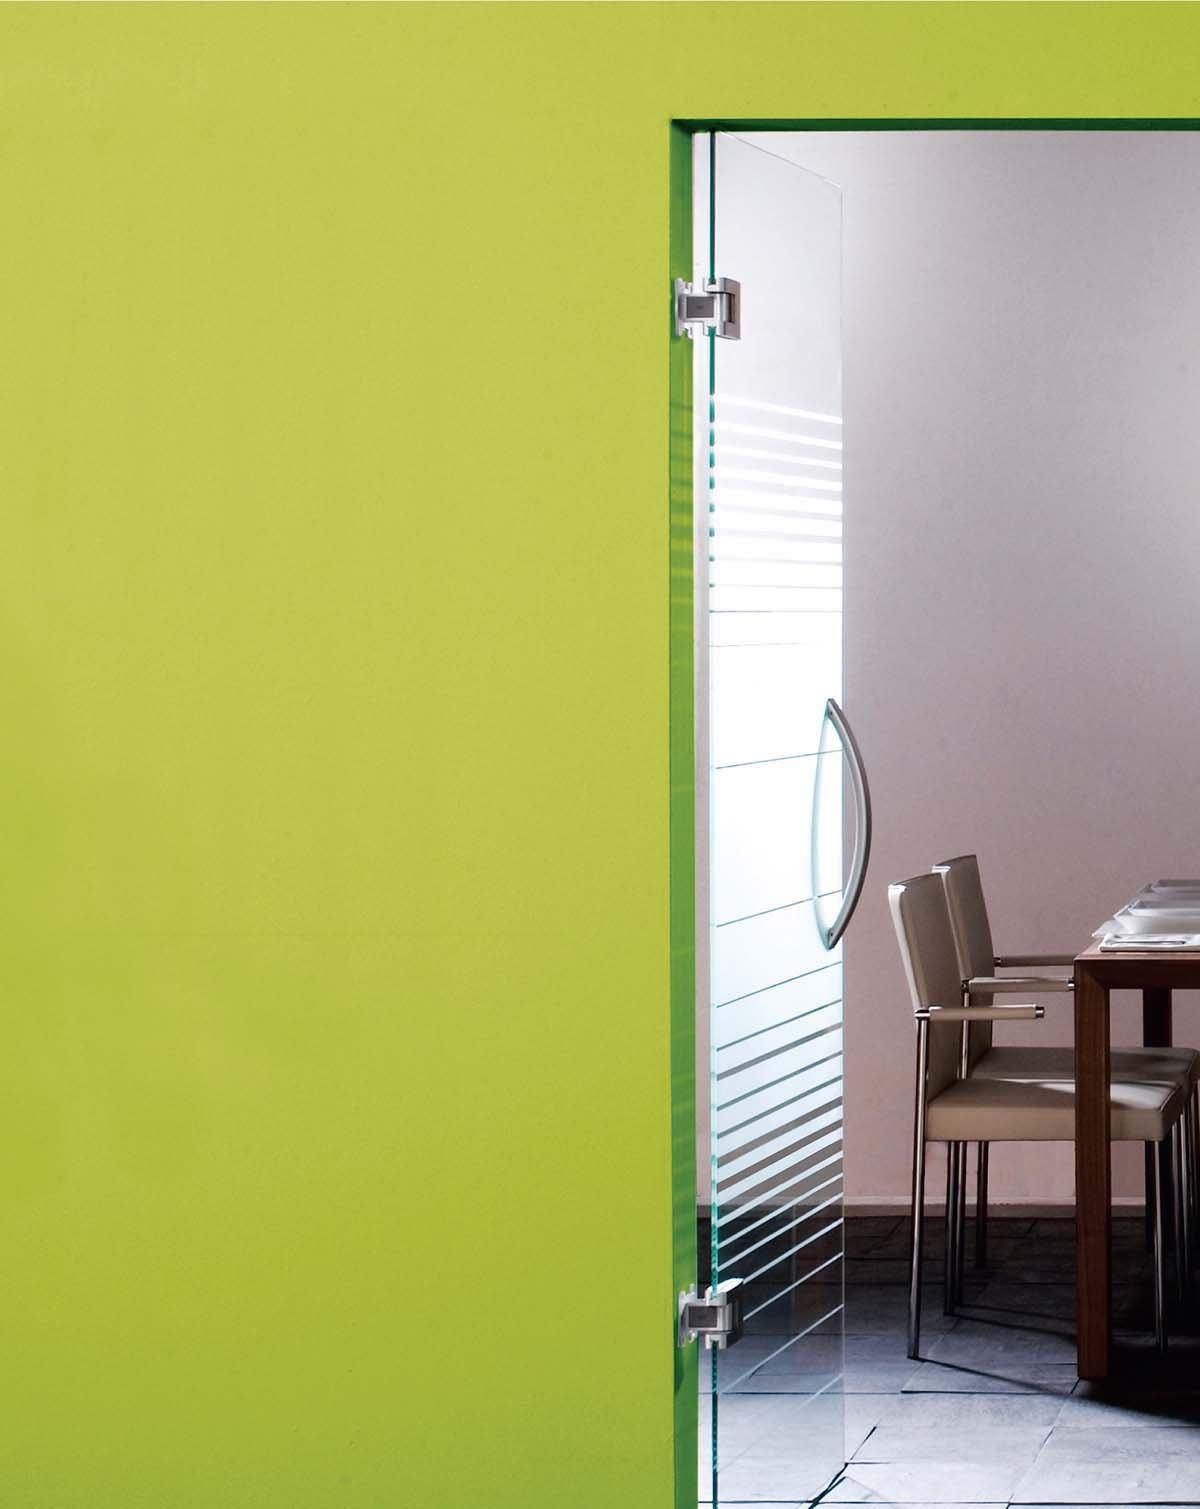 Double Action Door : Dorma glas tensor double action glass door hinge